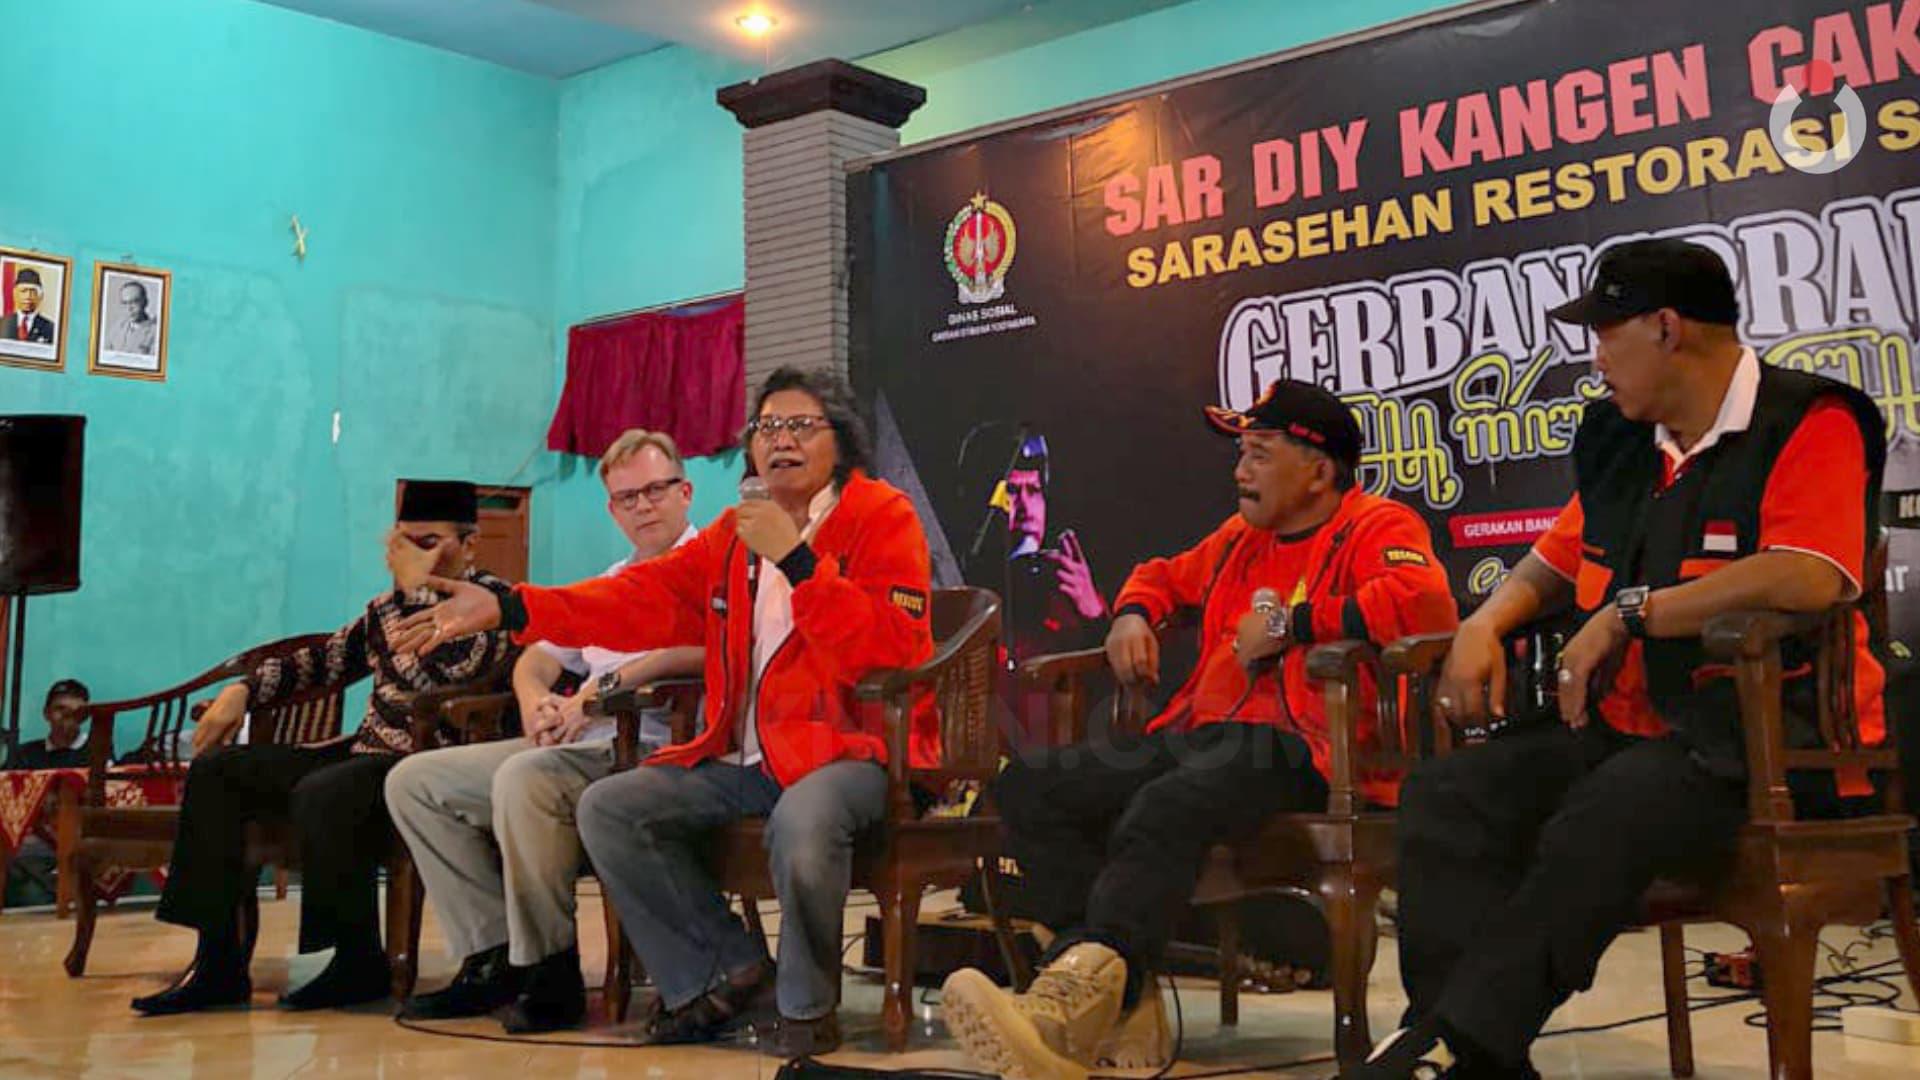 SAR DIY Kangen Cak Nun: Sarasehan Restorasi Sosial